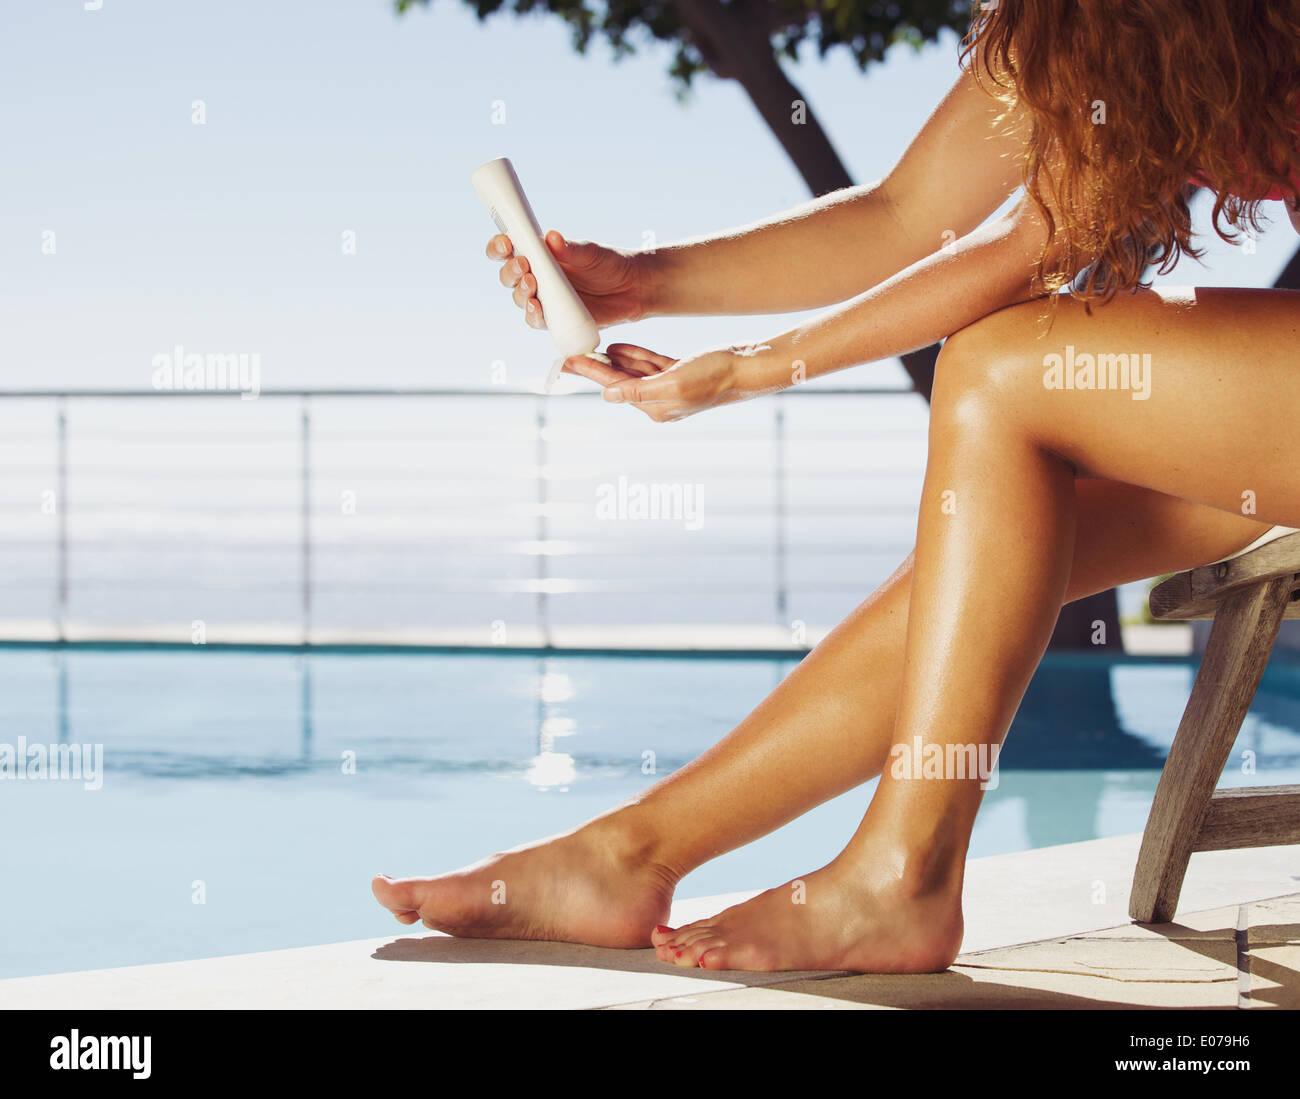 Mujer sentada en la tumbona en la piscina aplicar crema solar en las piernas. Modelo femenino para tomar el sol en la piscina. Imagen De Stock